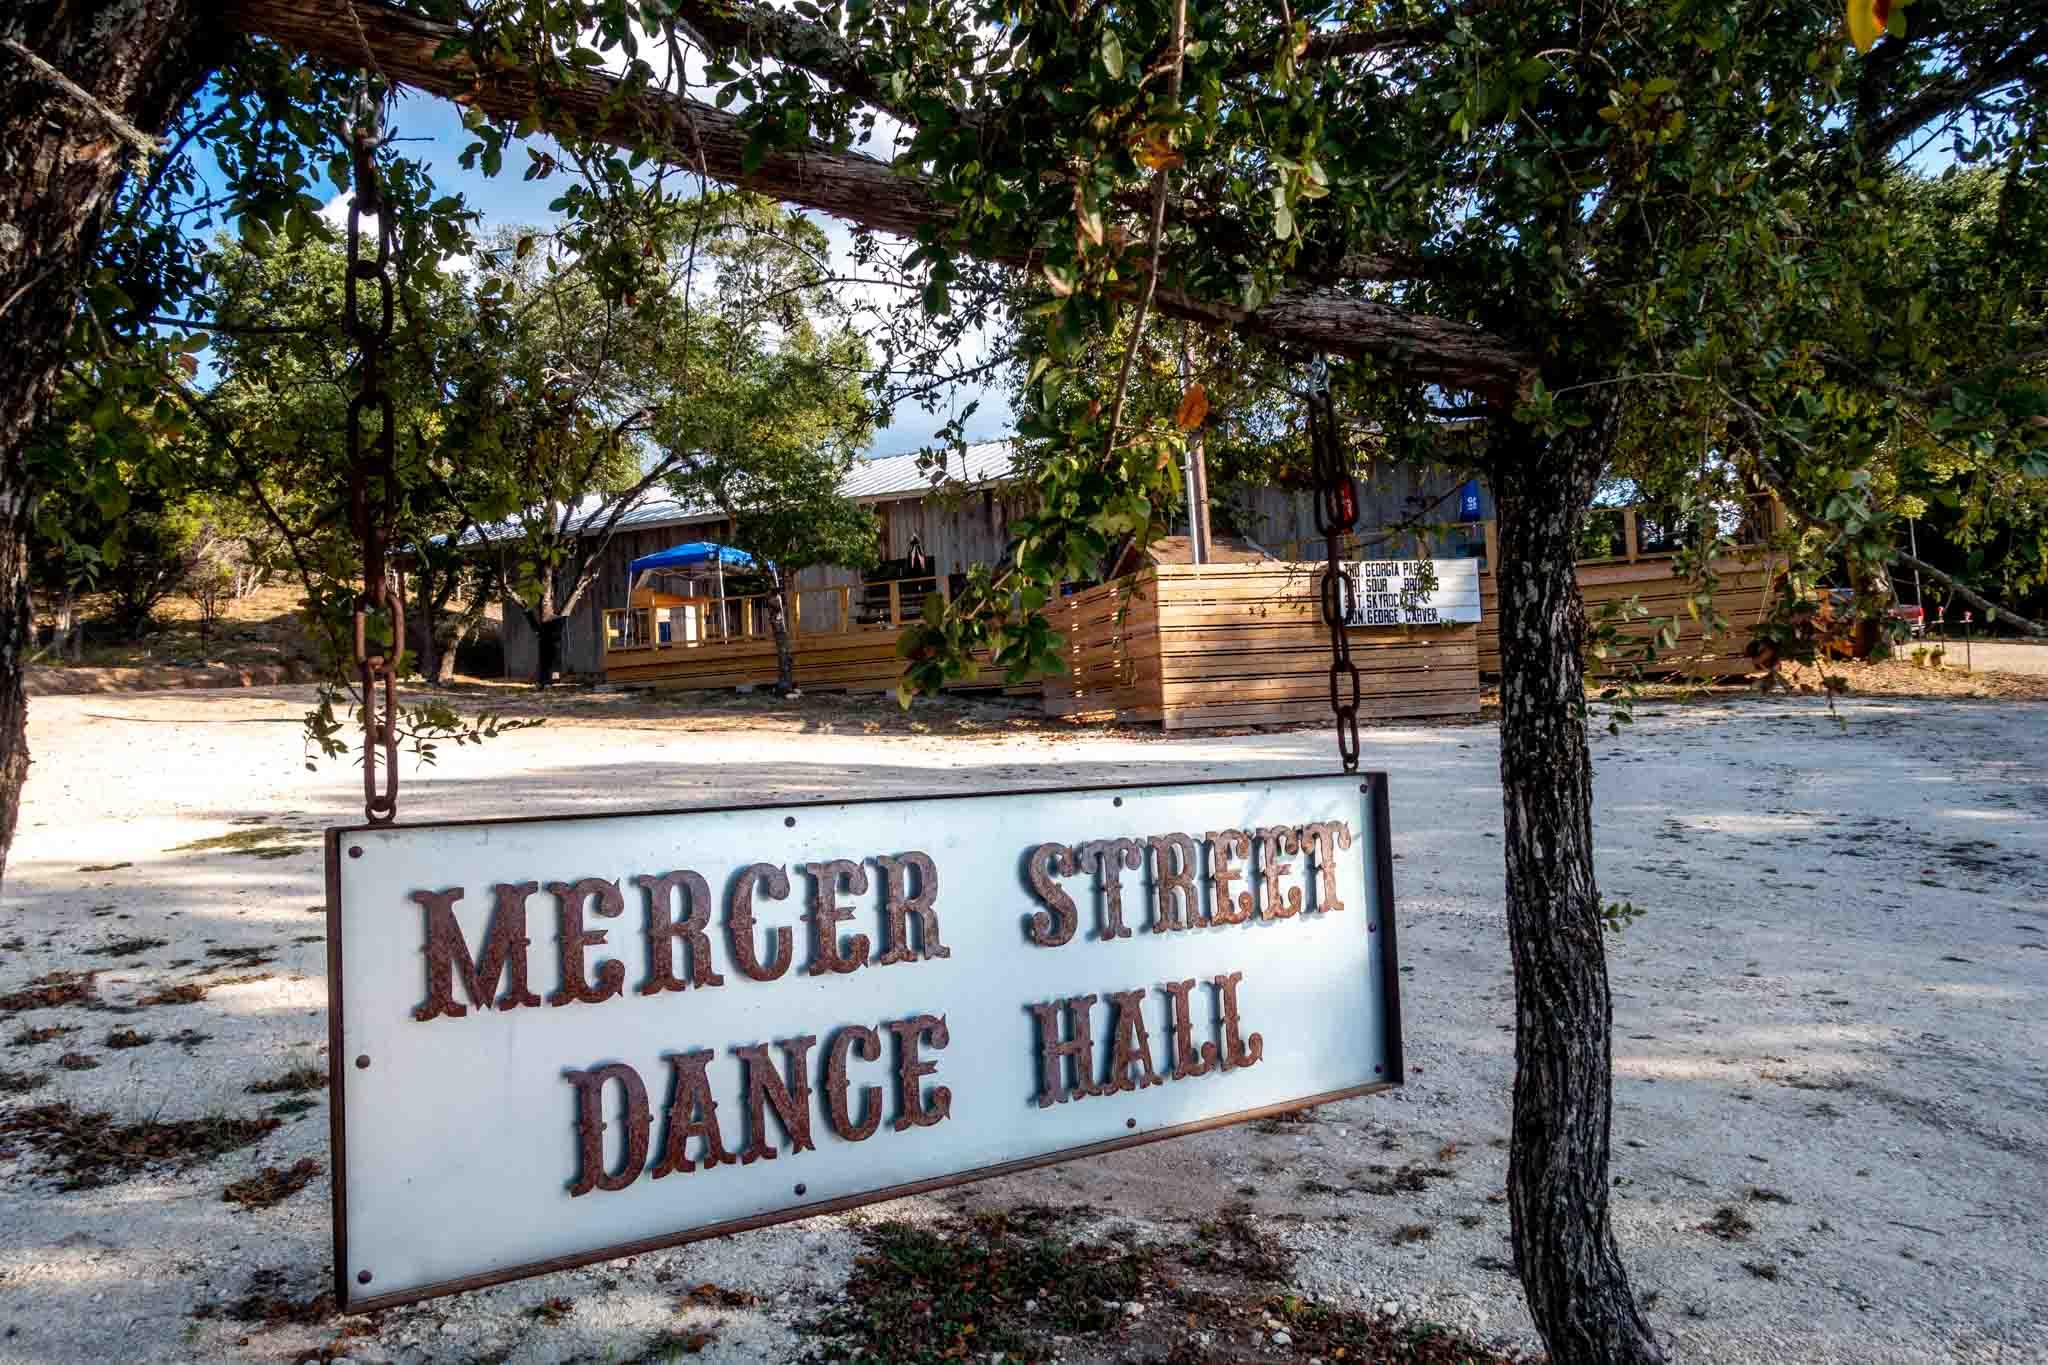 Mercer Street Dance Hall